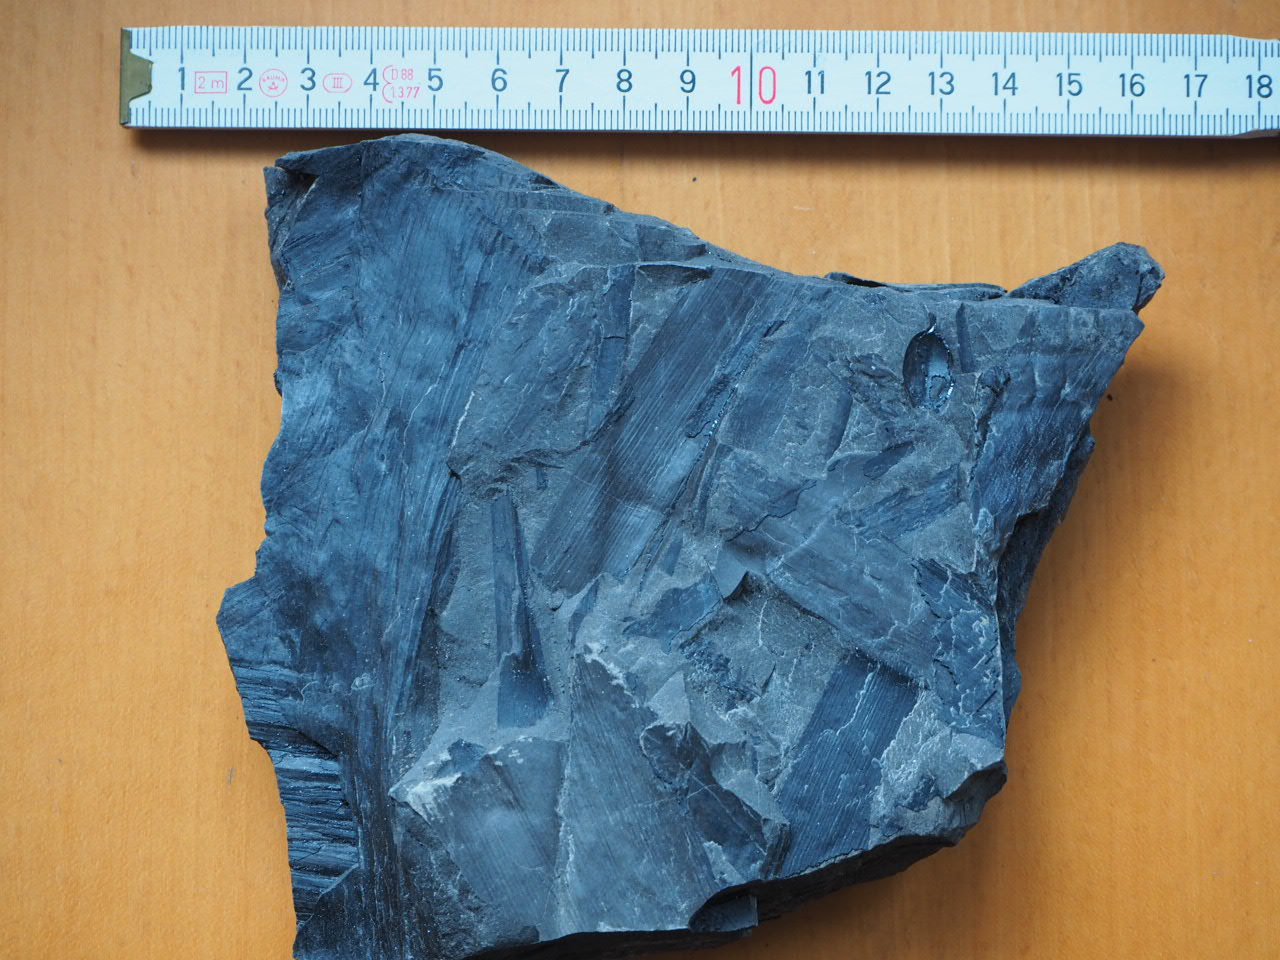 Schachelhalm-Fossilien